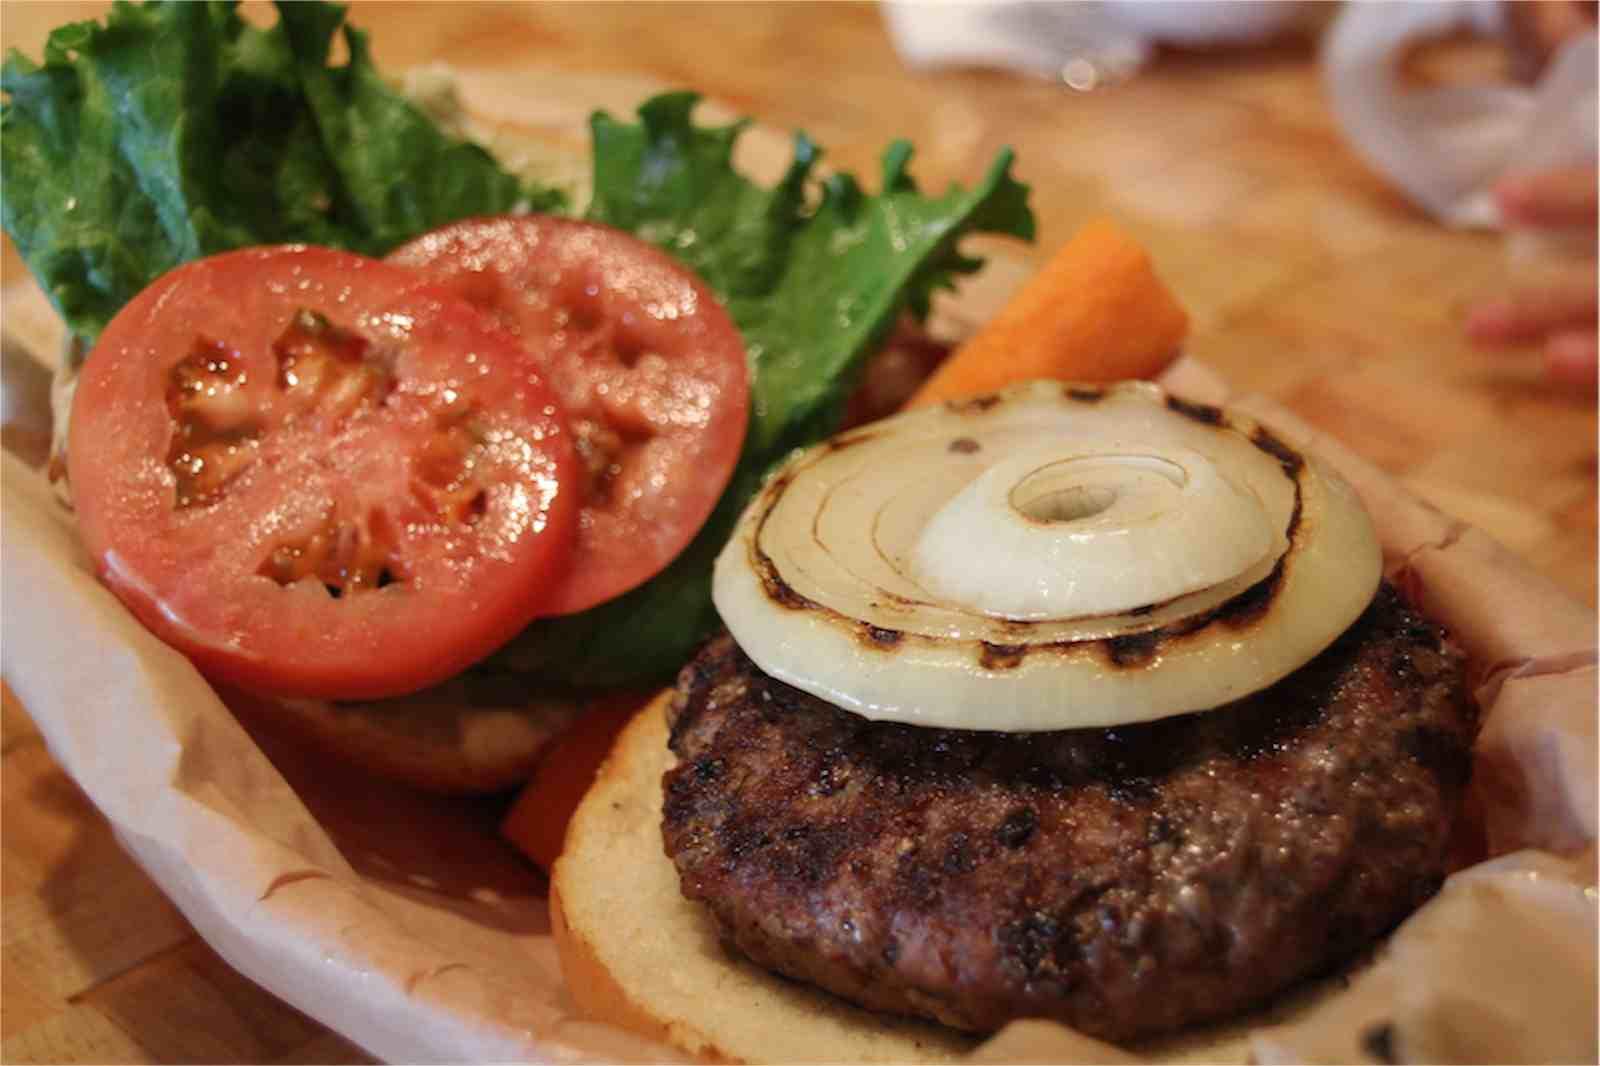 ハレイワのクア・アイナ本店でハンバーガーを食す